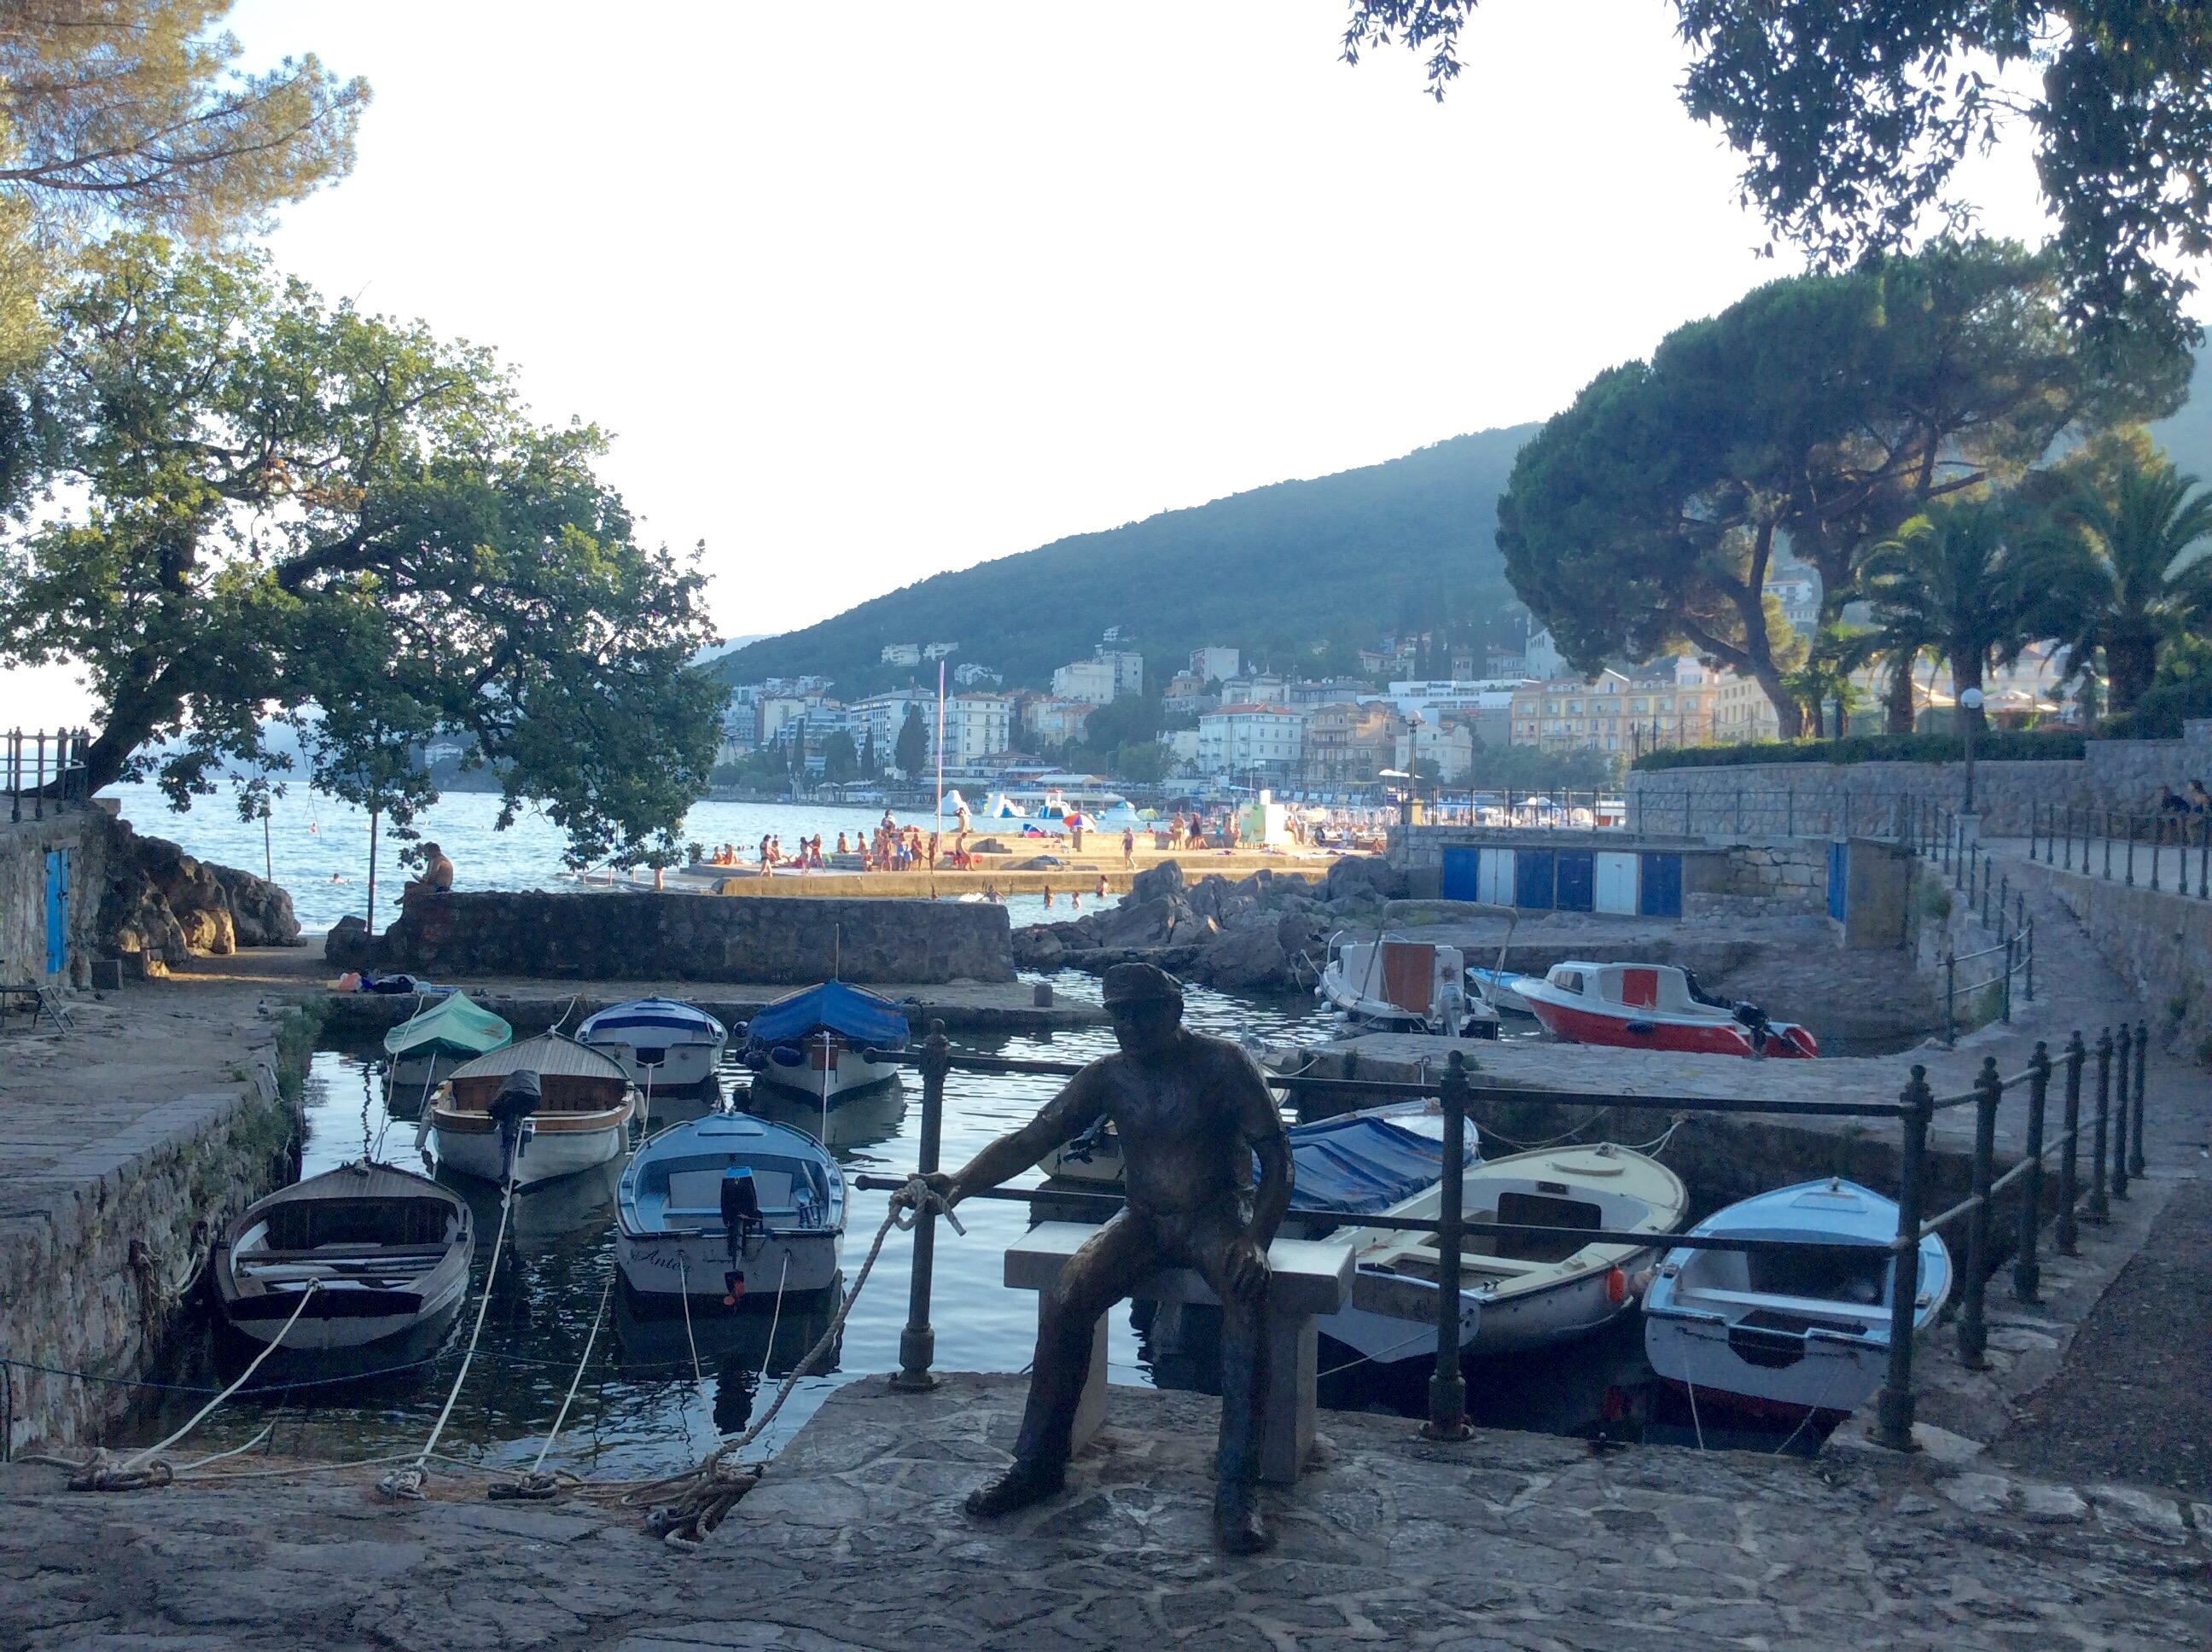 Opatija-fisherman-statue